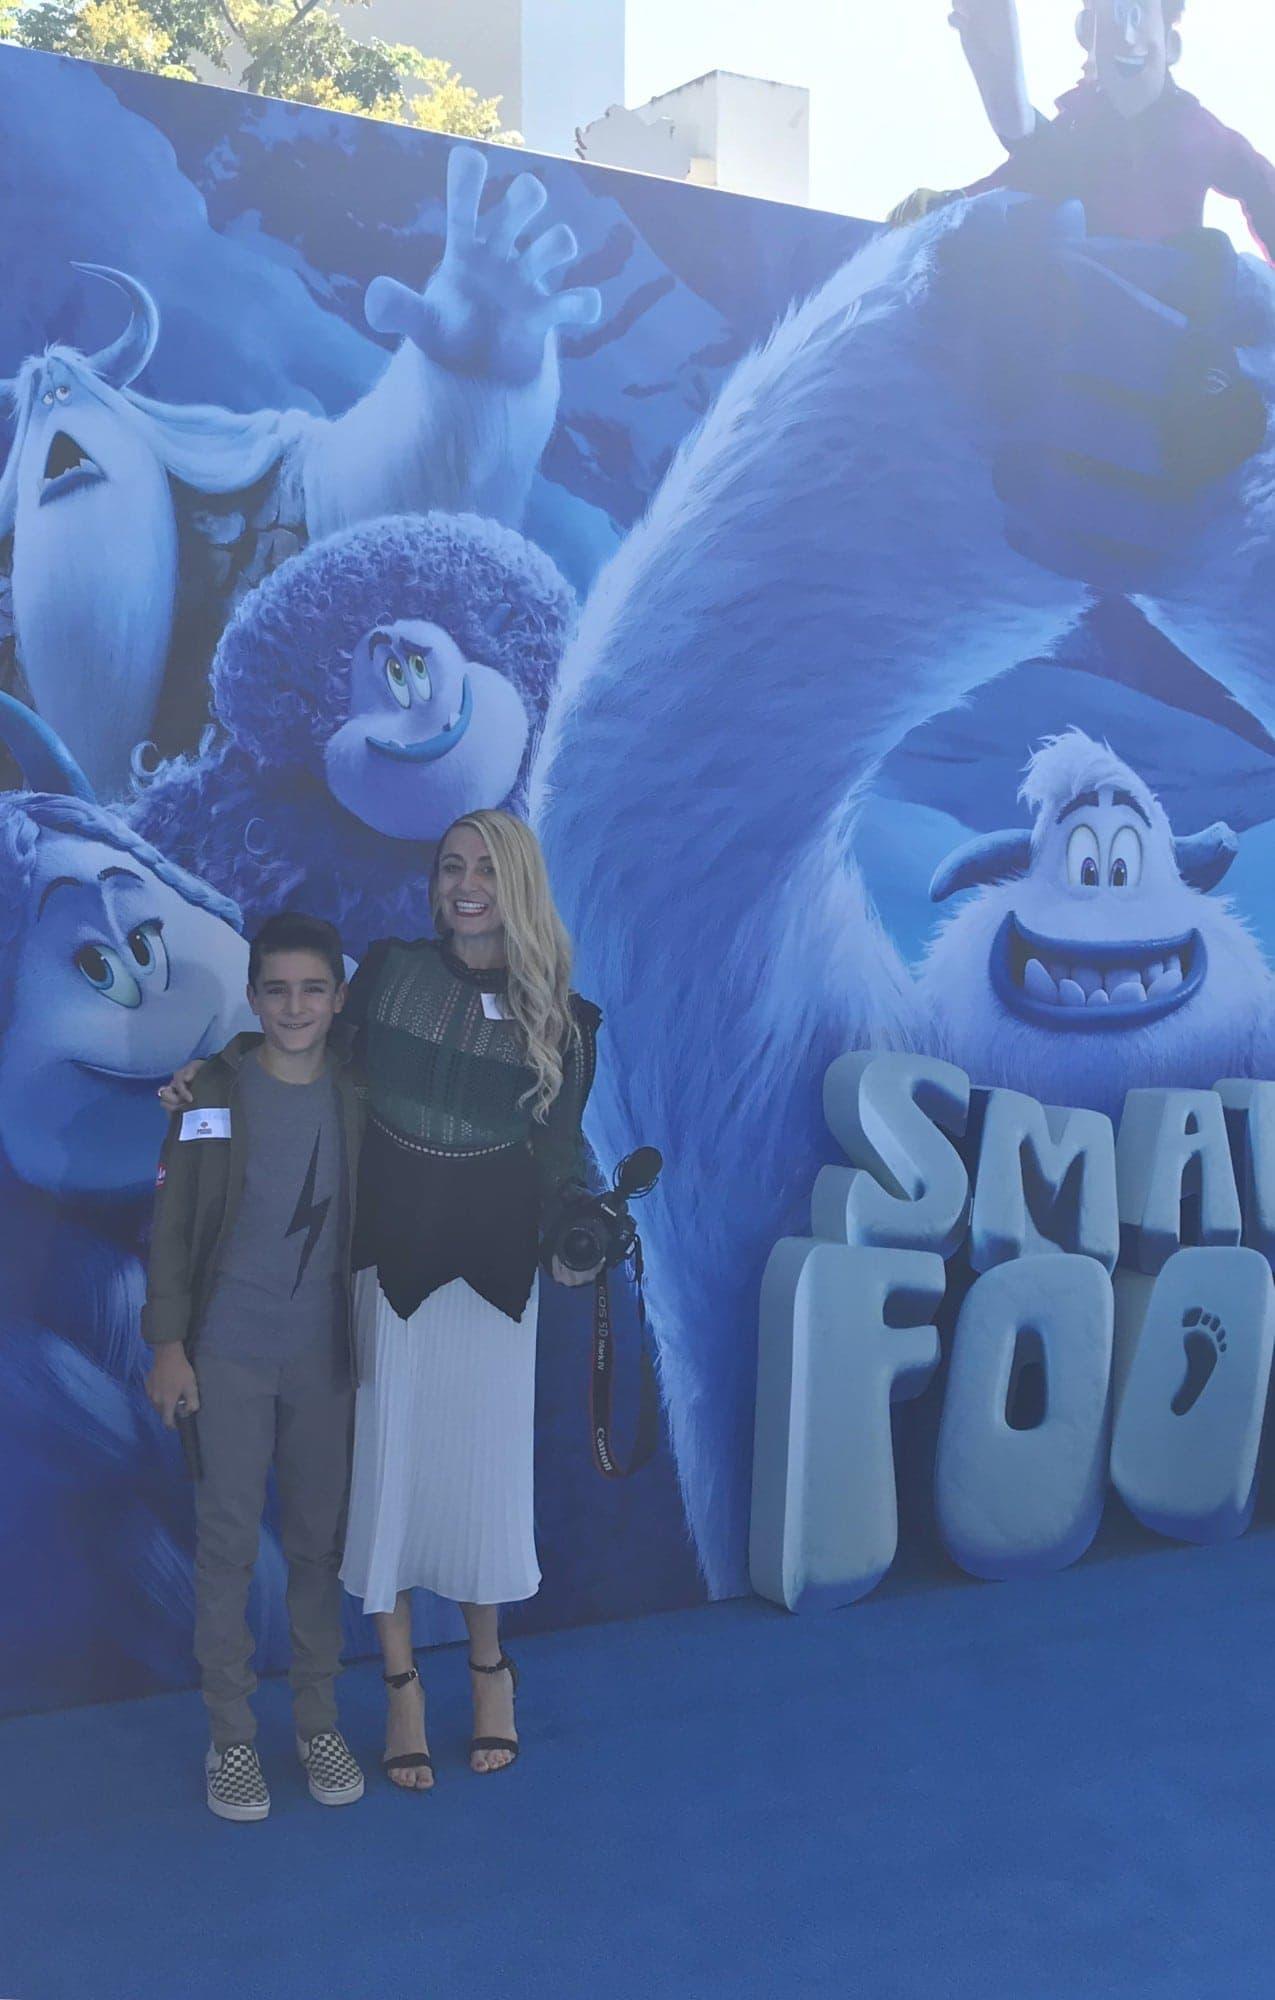 Smallfoot Premiere